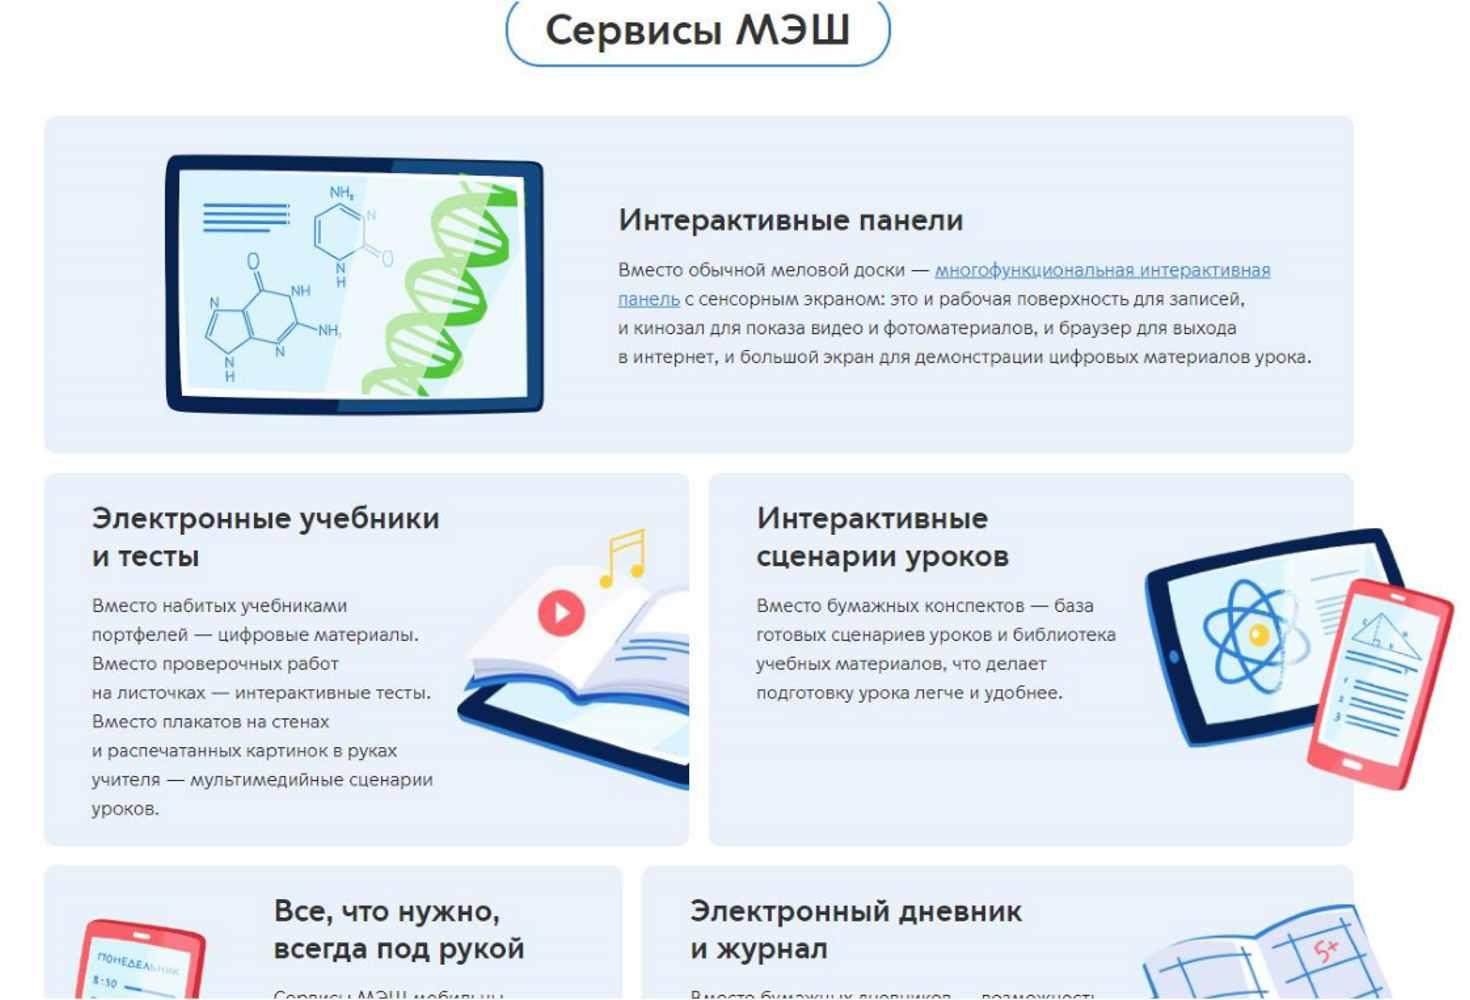 moskovskie-shkolniki-smogut-vypolnyat-domashnee-zadanie-onlajn